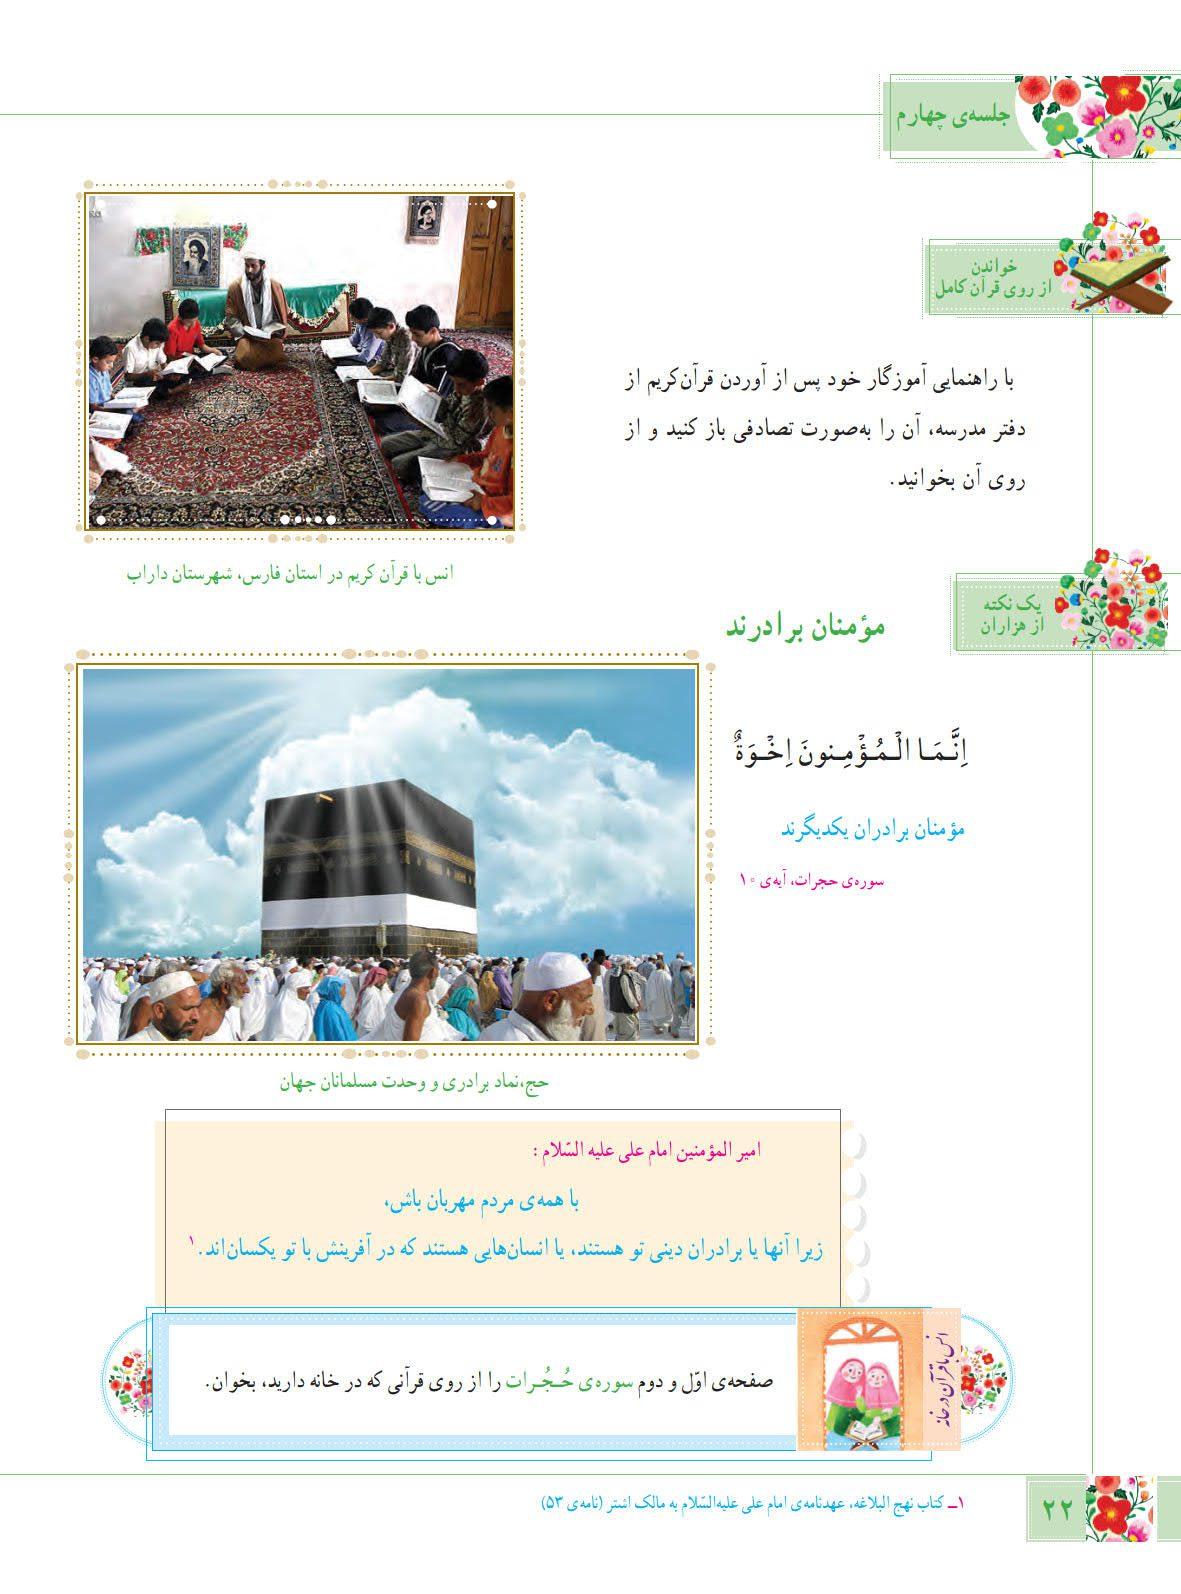 درس سوم آموزش قرآن پایه ششم ابتدایی - کلاس اینترنتی ما - مومکا - صفحه 22 - momeka.ir (1)